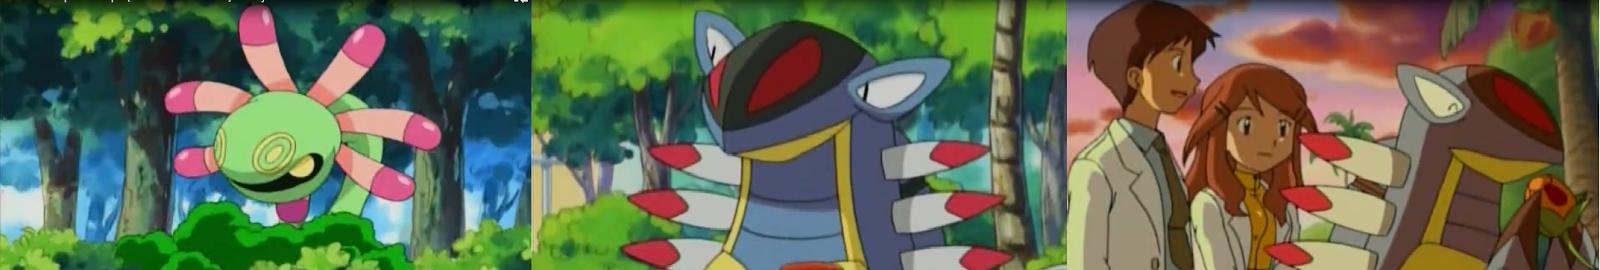 Pokemon Capitulo 10 Temporada 8 ¿Donde Esta Armaldo?